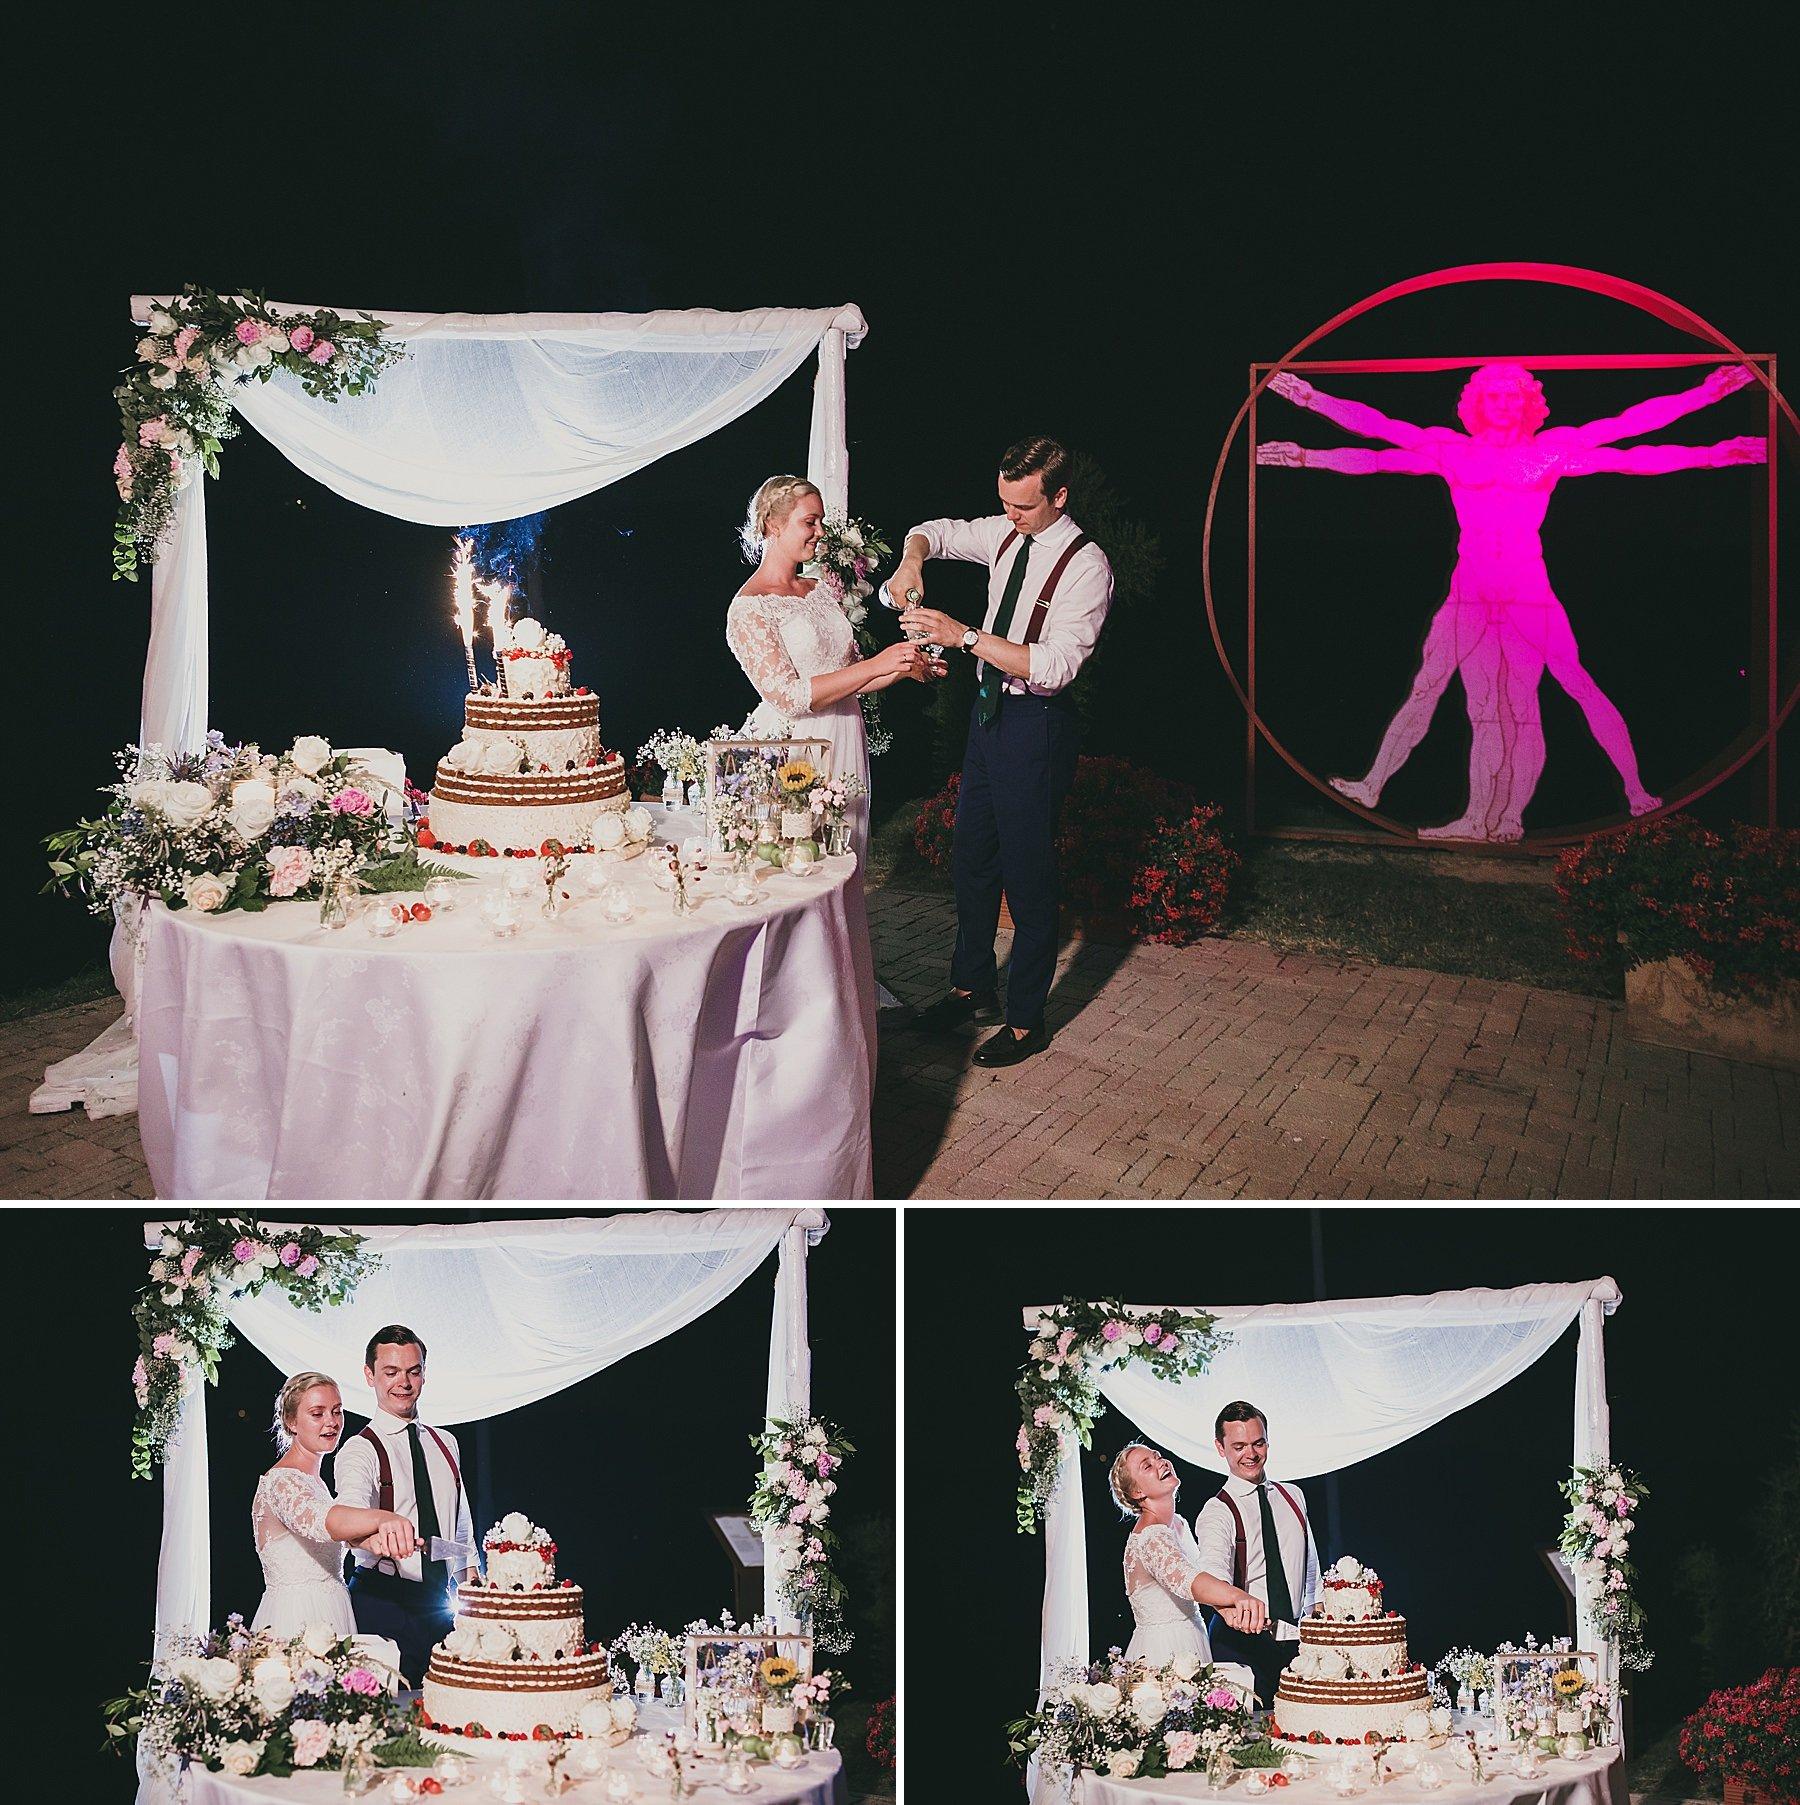 Taglio dell torta nuziale per gli sposi a Bellosguardo